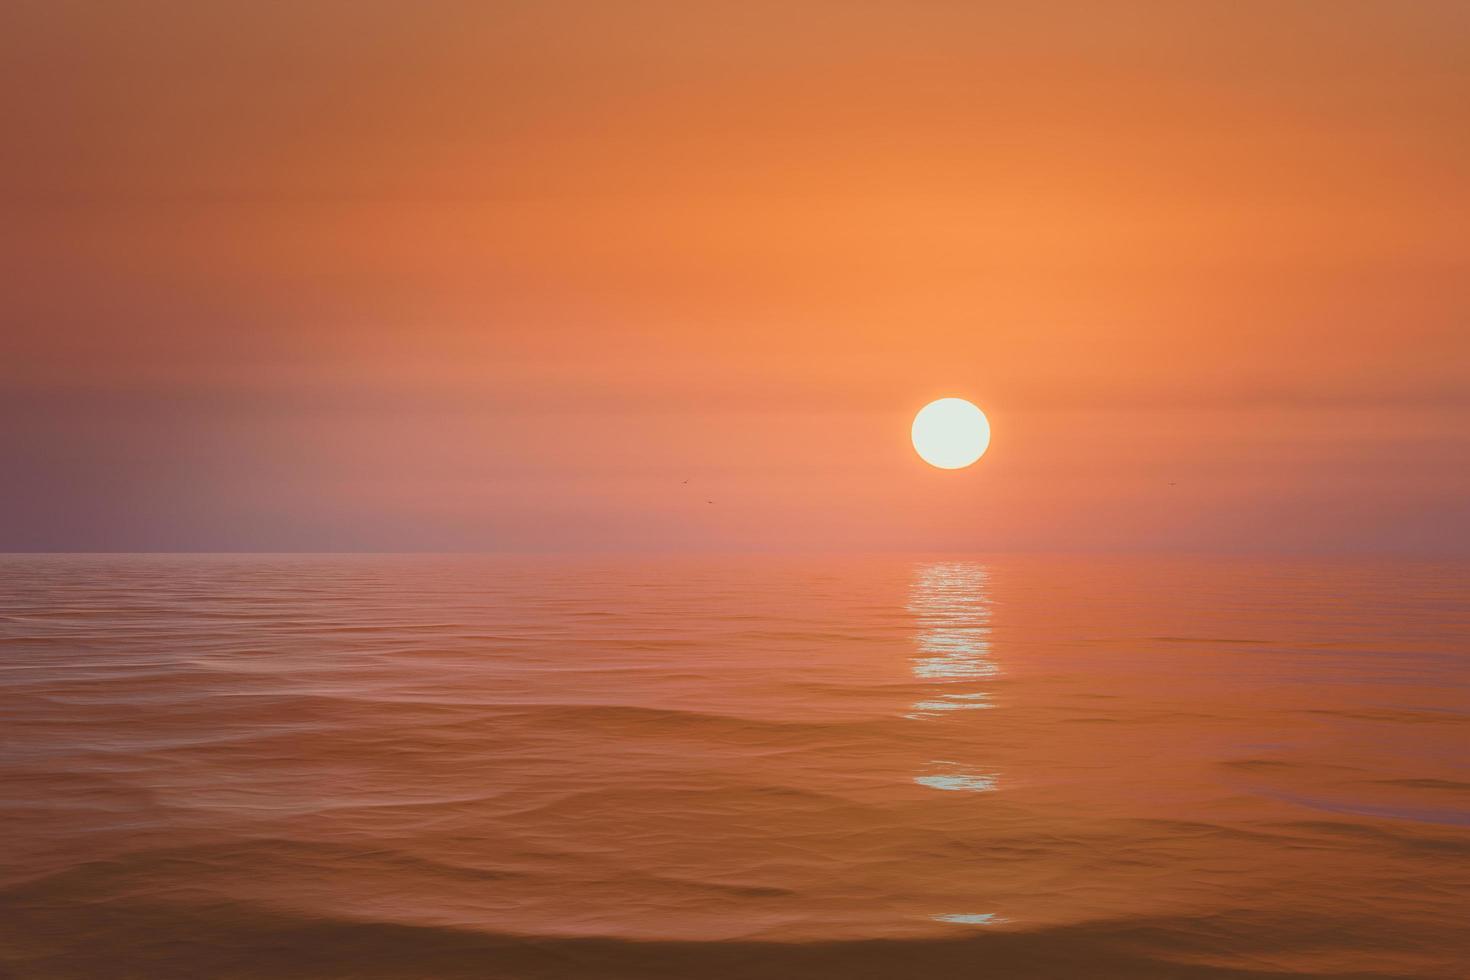 heldere zonsondergang op de zee achtergrond zee foto